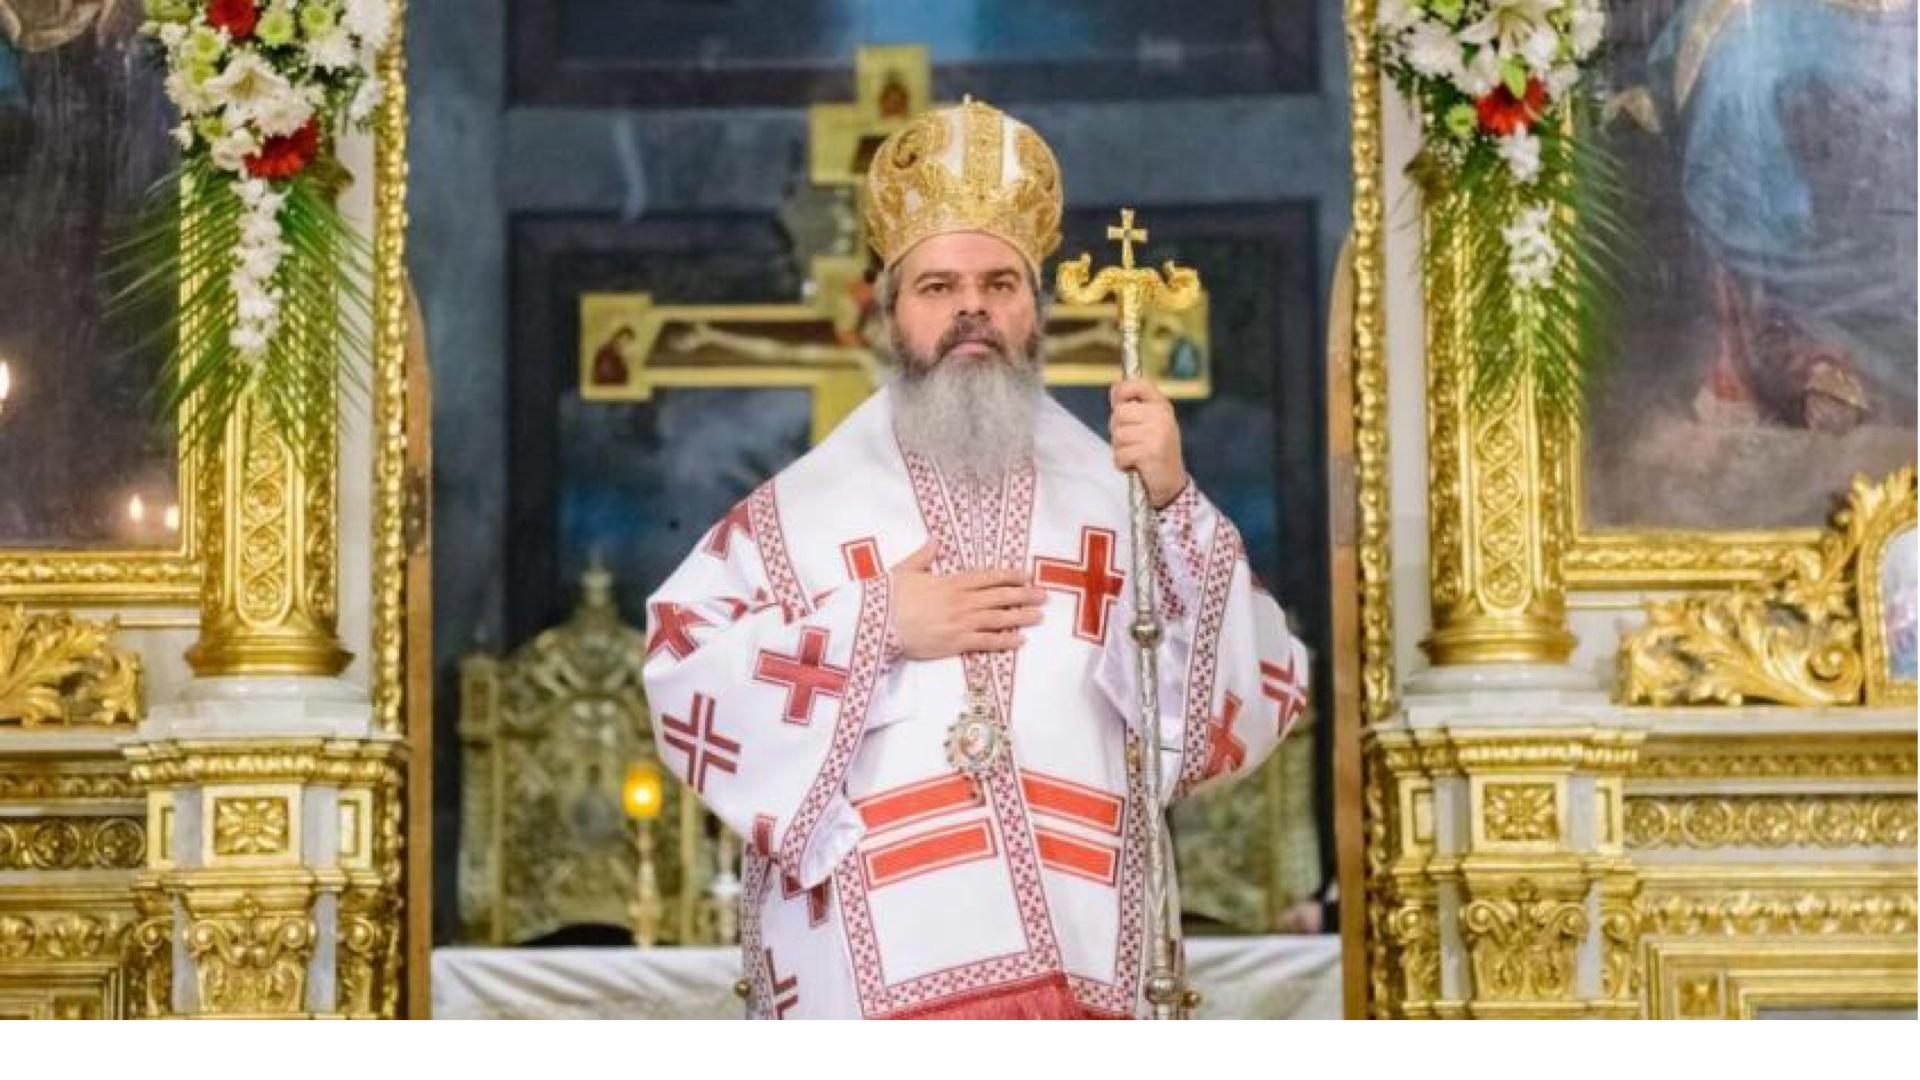 Conștiința fiecăruia este un martor nemincinos al propriei morți duhovnicești – PS Ignatie